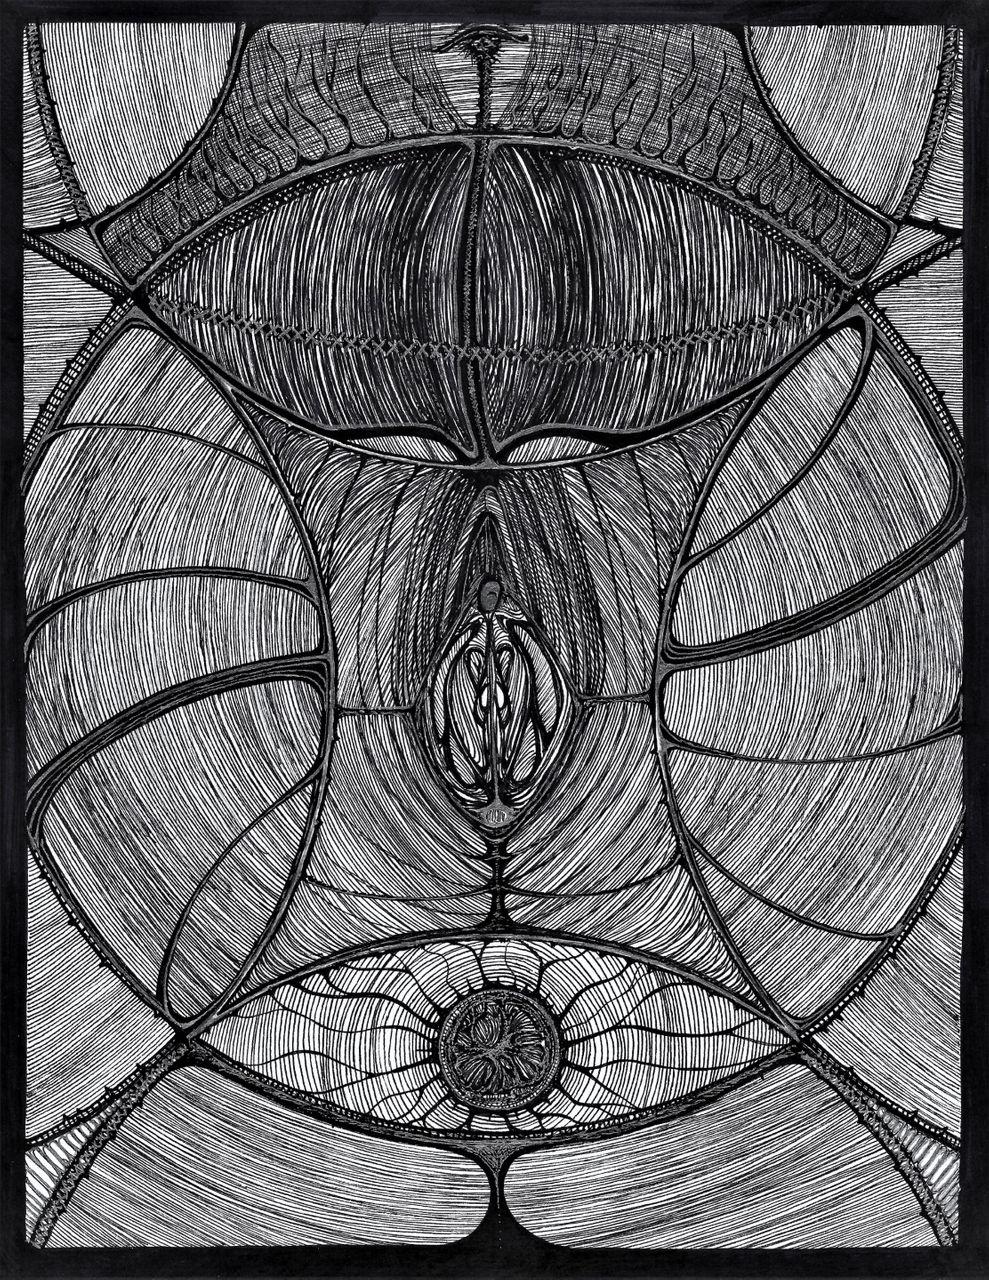 Labiotica c.jpg